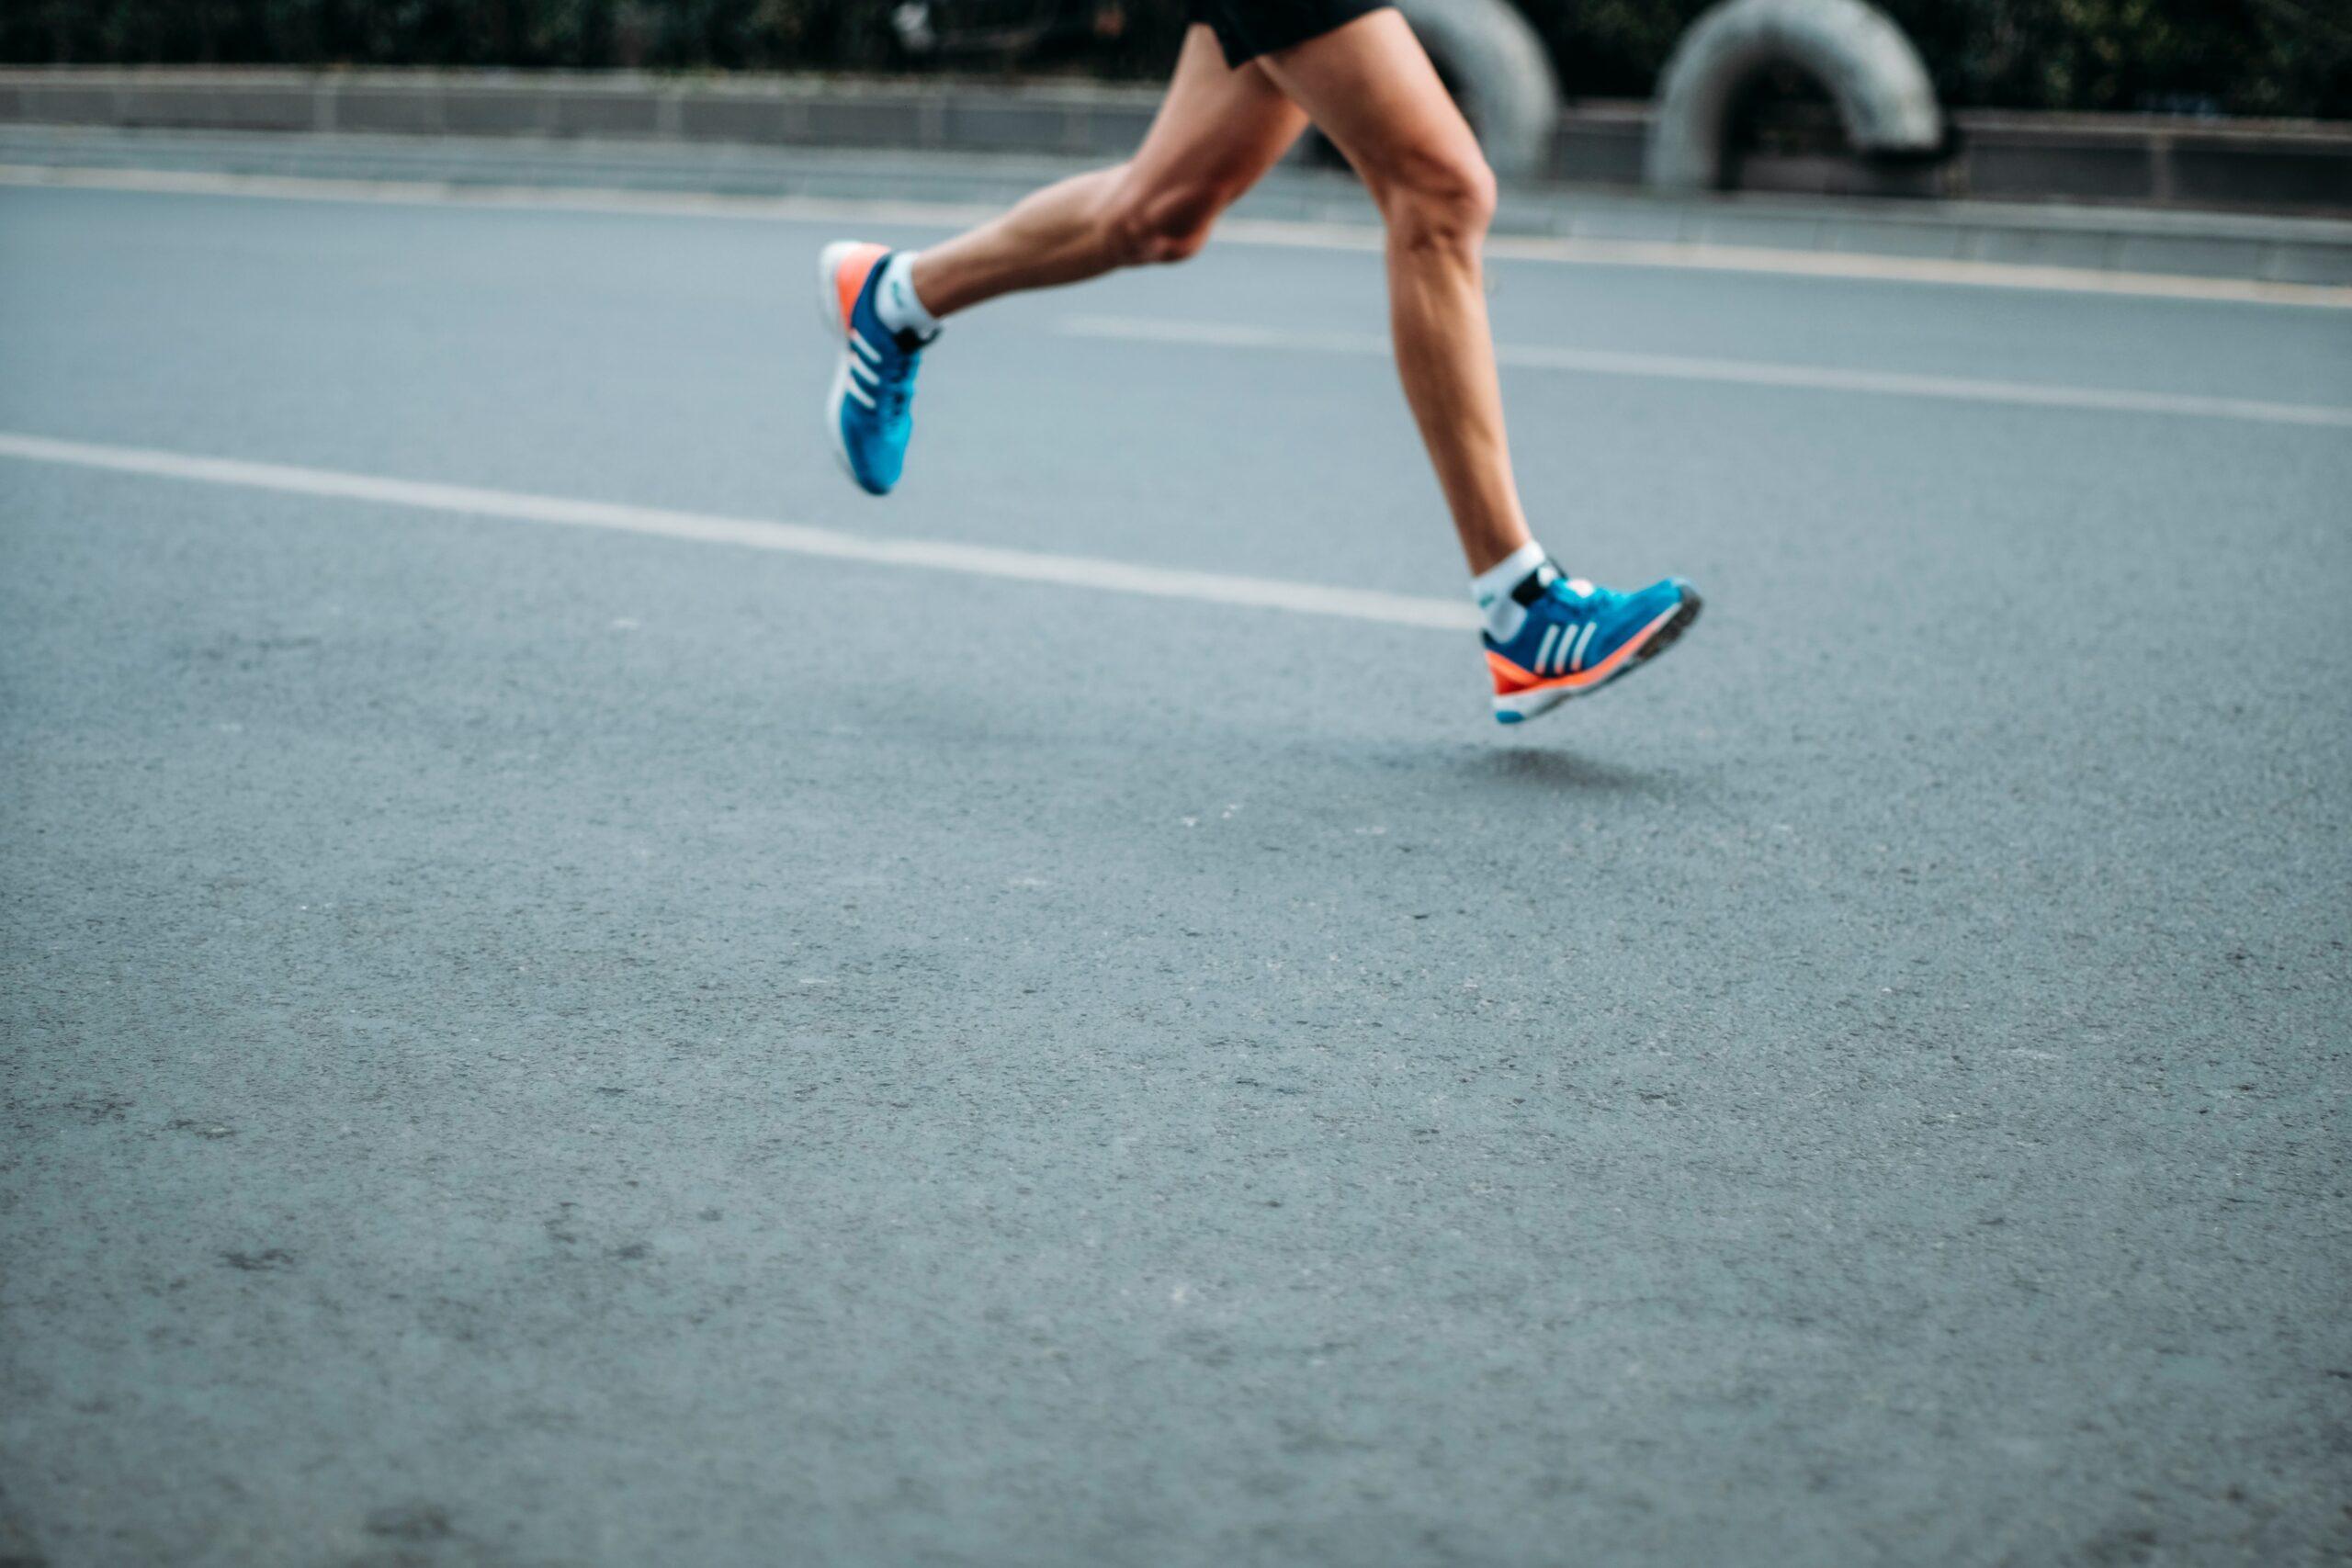 Sådan kan du komme i gang med at træne hårdere